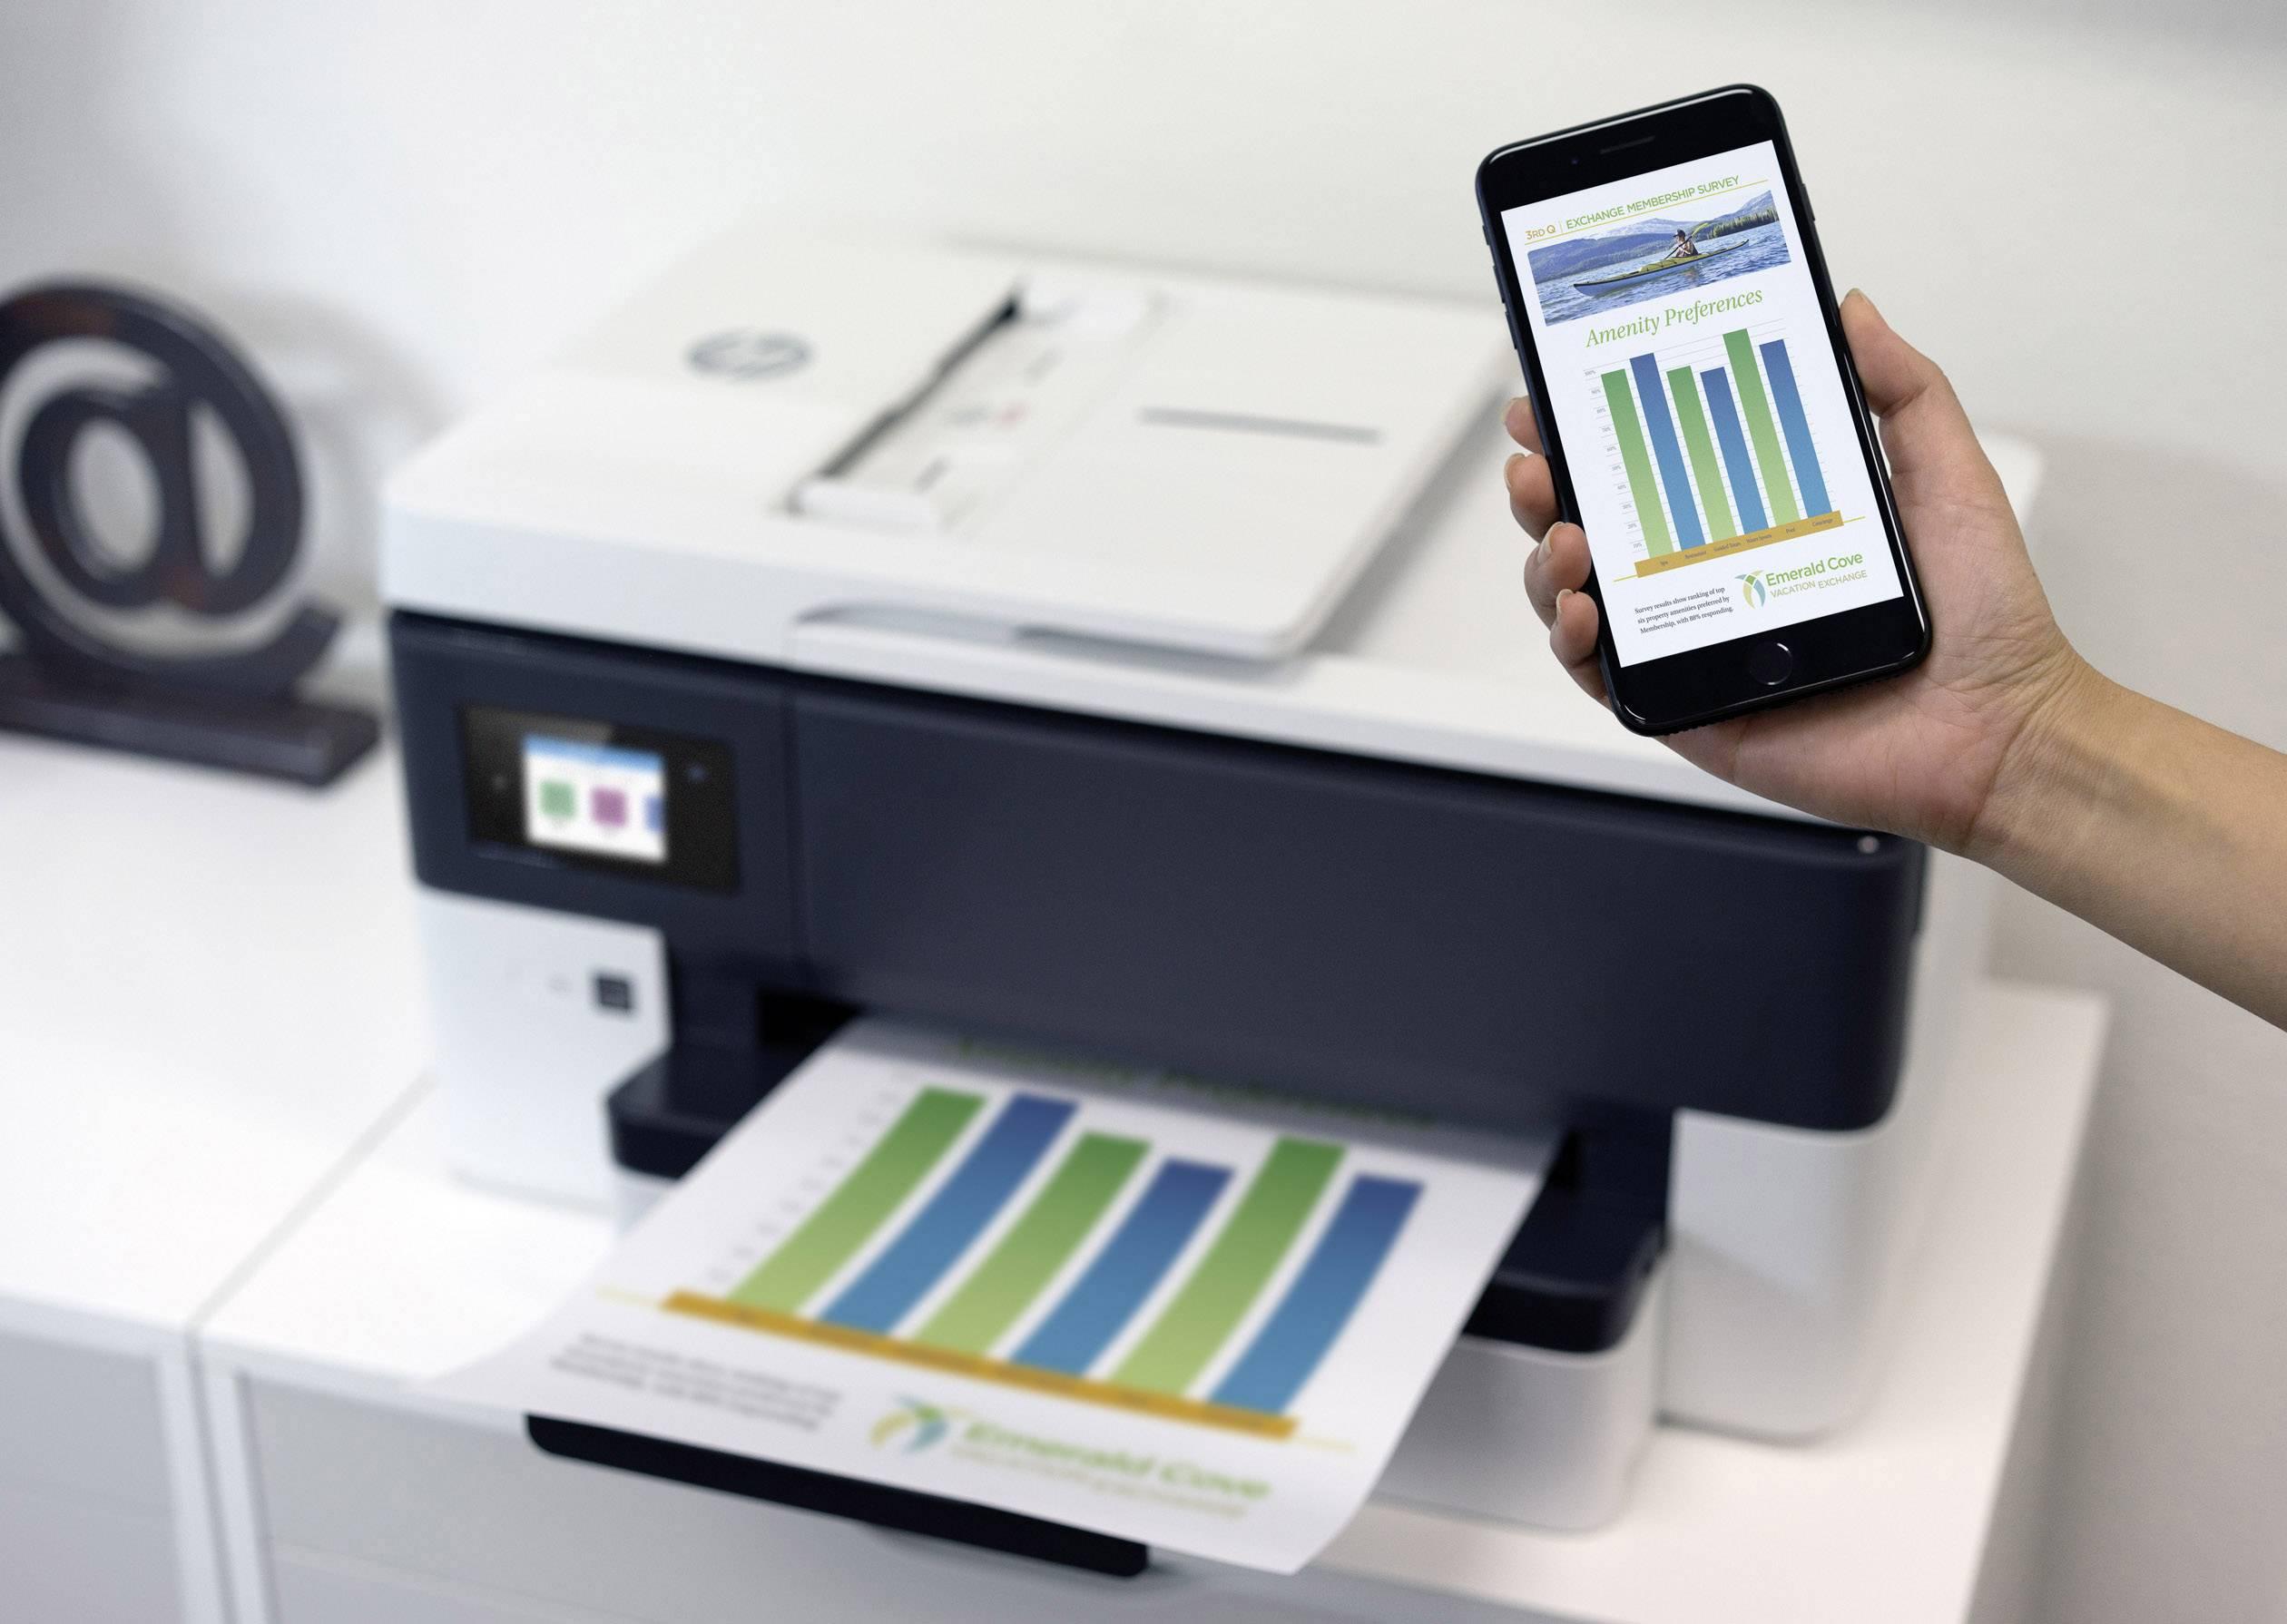 HP Officejet Pro 7720 Wide Format All-in-One Inkjet